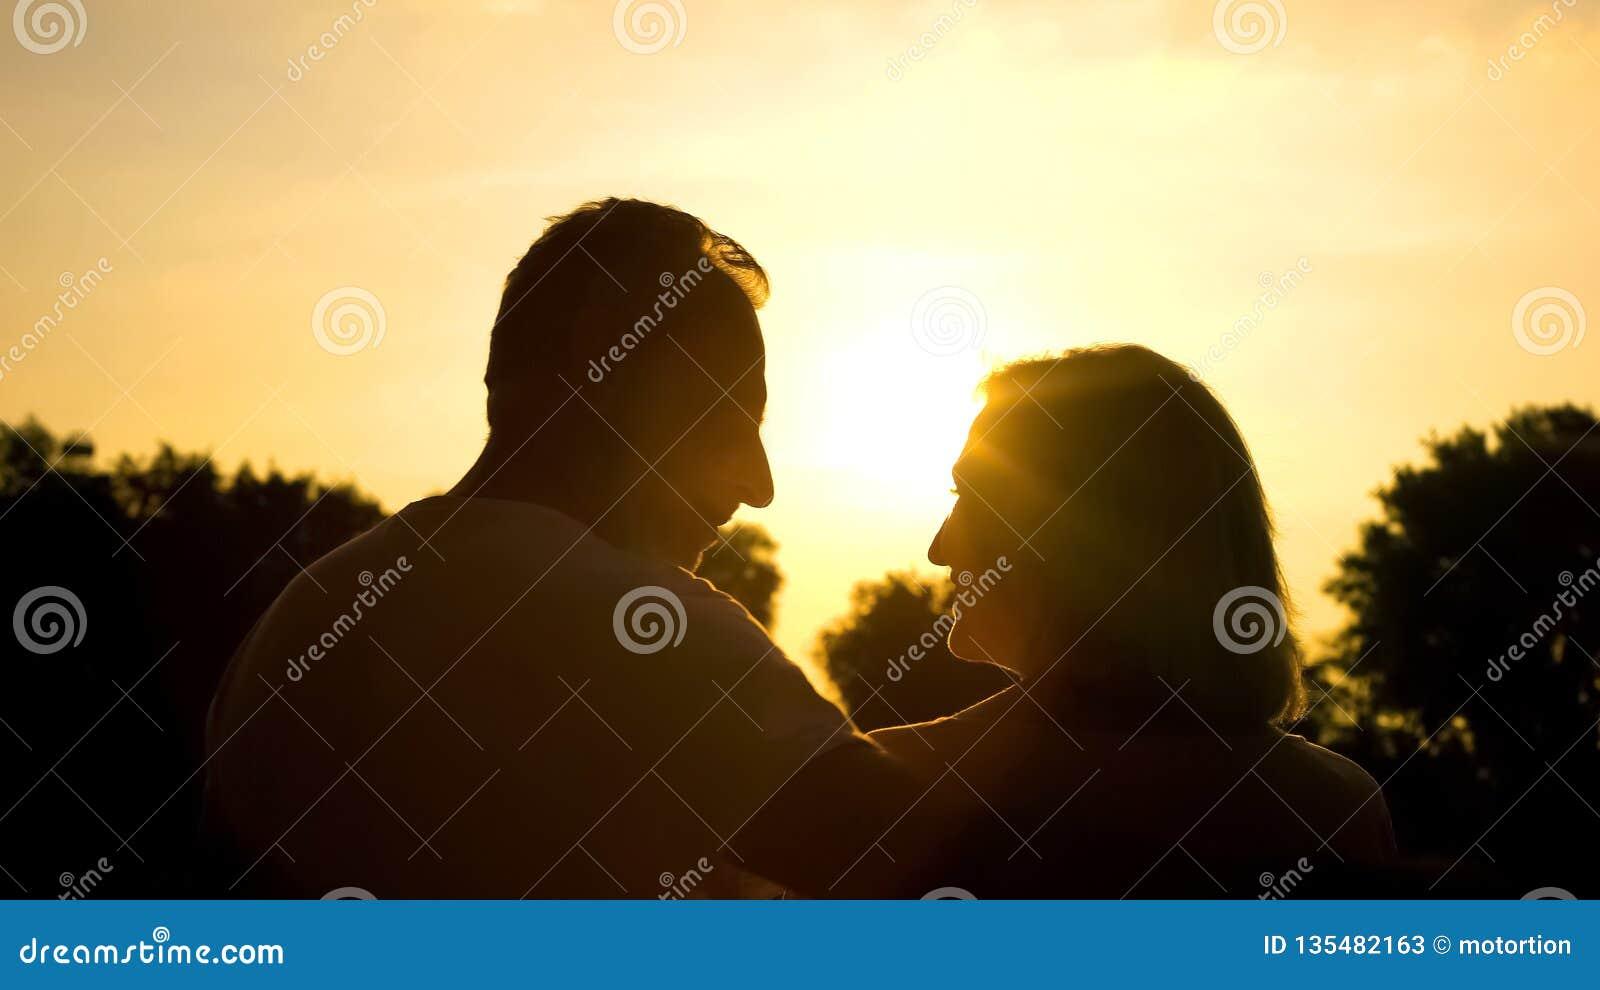 Ευτυχής συνταξιούχος σύζυγος που φαίνεται μεταξύ τους, χρόνος εξόδων μαζί στο πάρκο ηλιοβασιλέματος